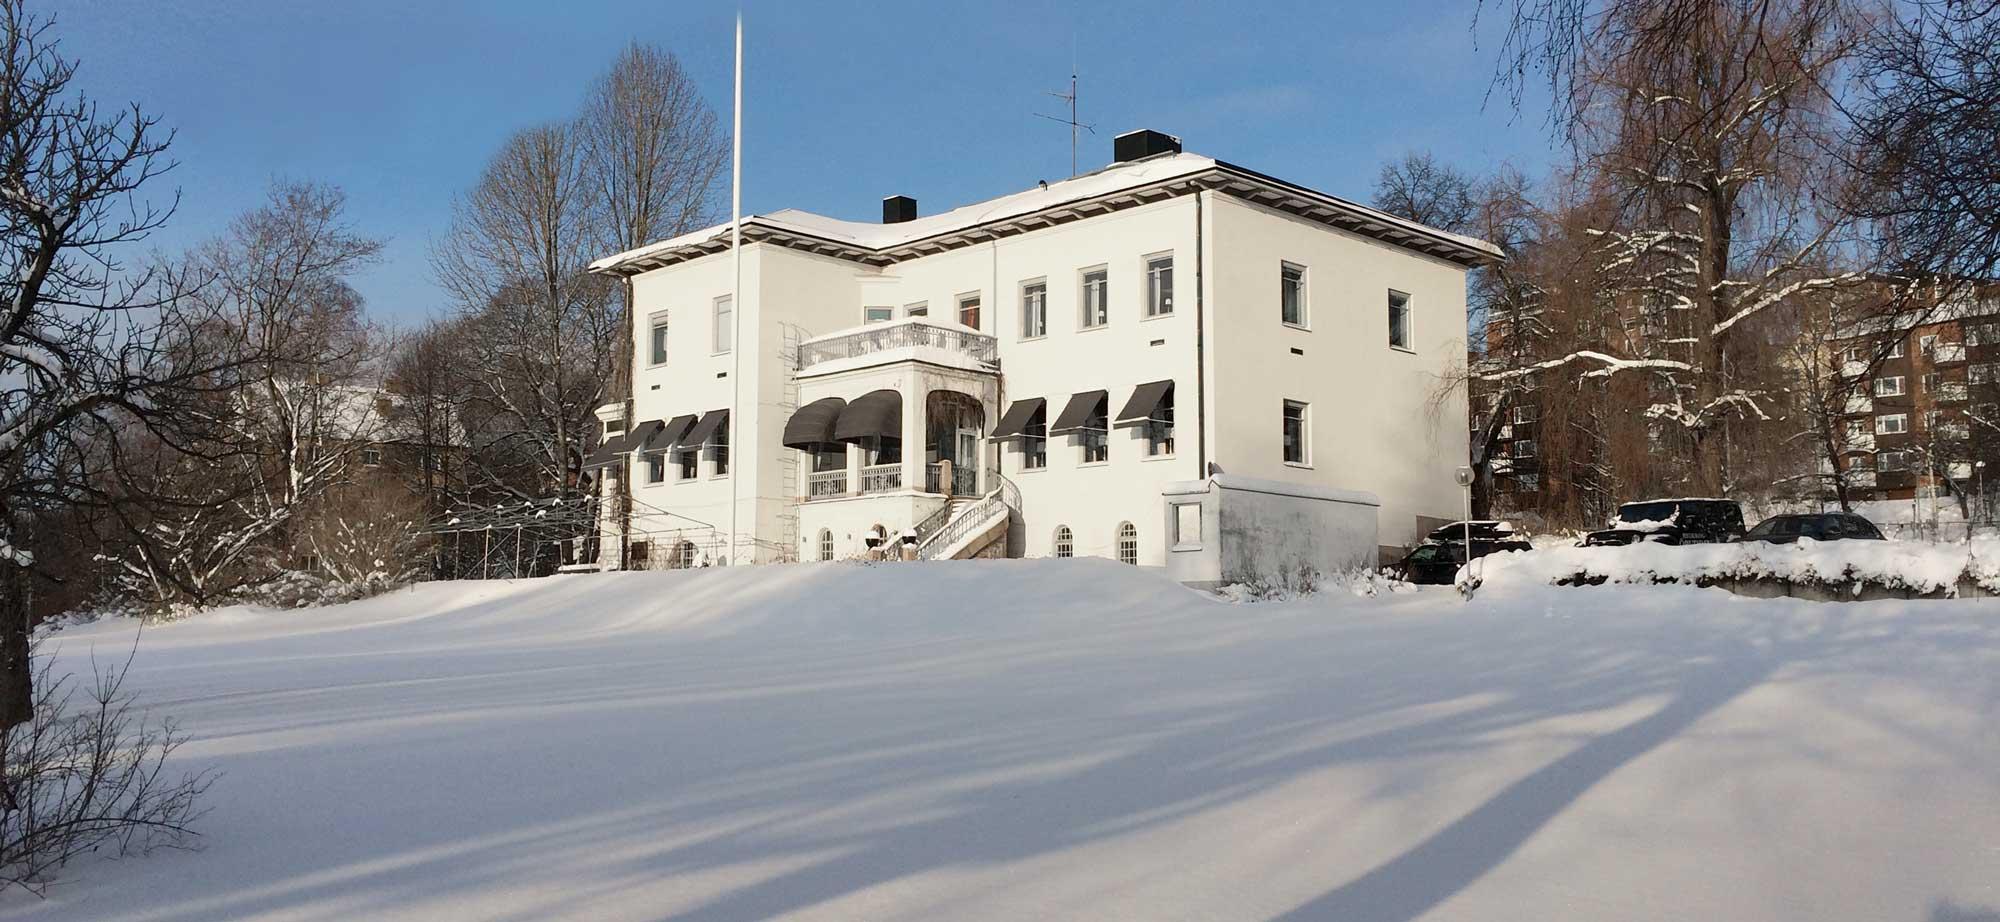 Villa_Marieberg_II